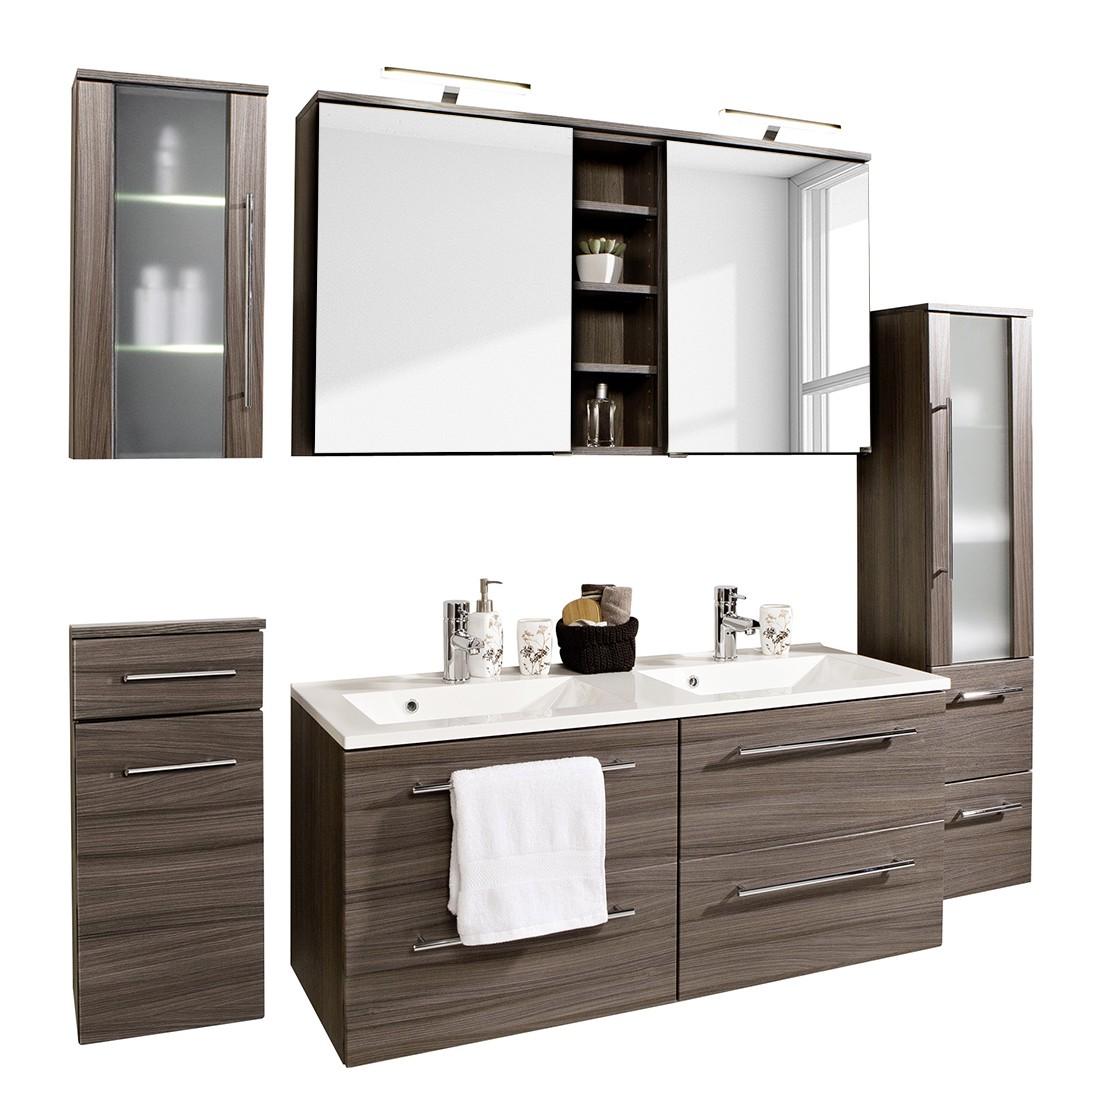 Meuble vasque 4 - Meuble de salle de bain alinea ...